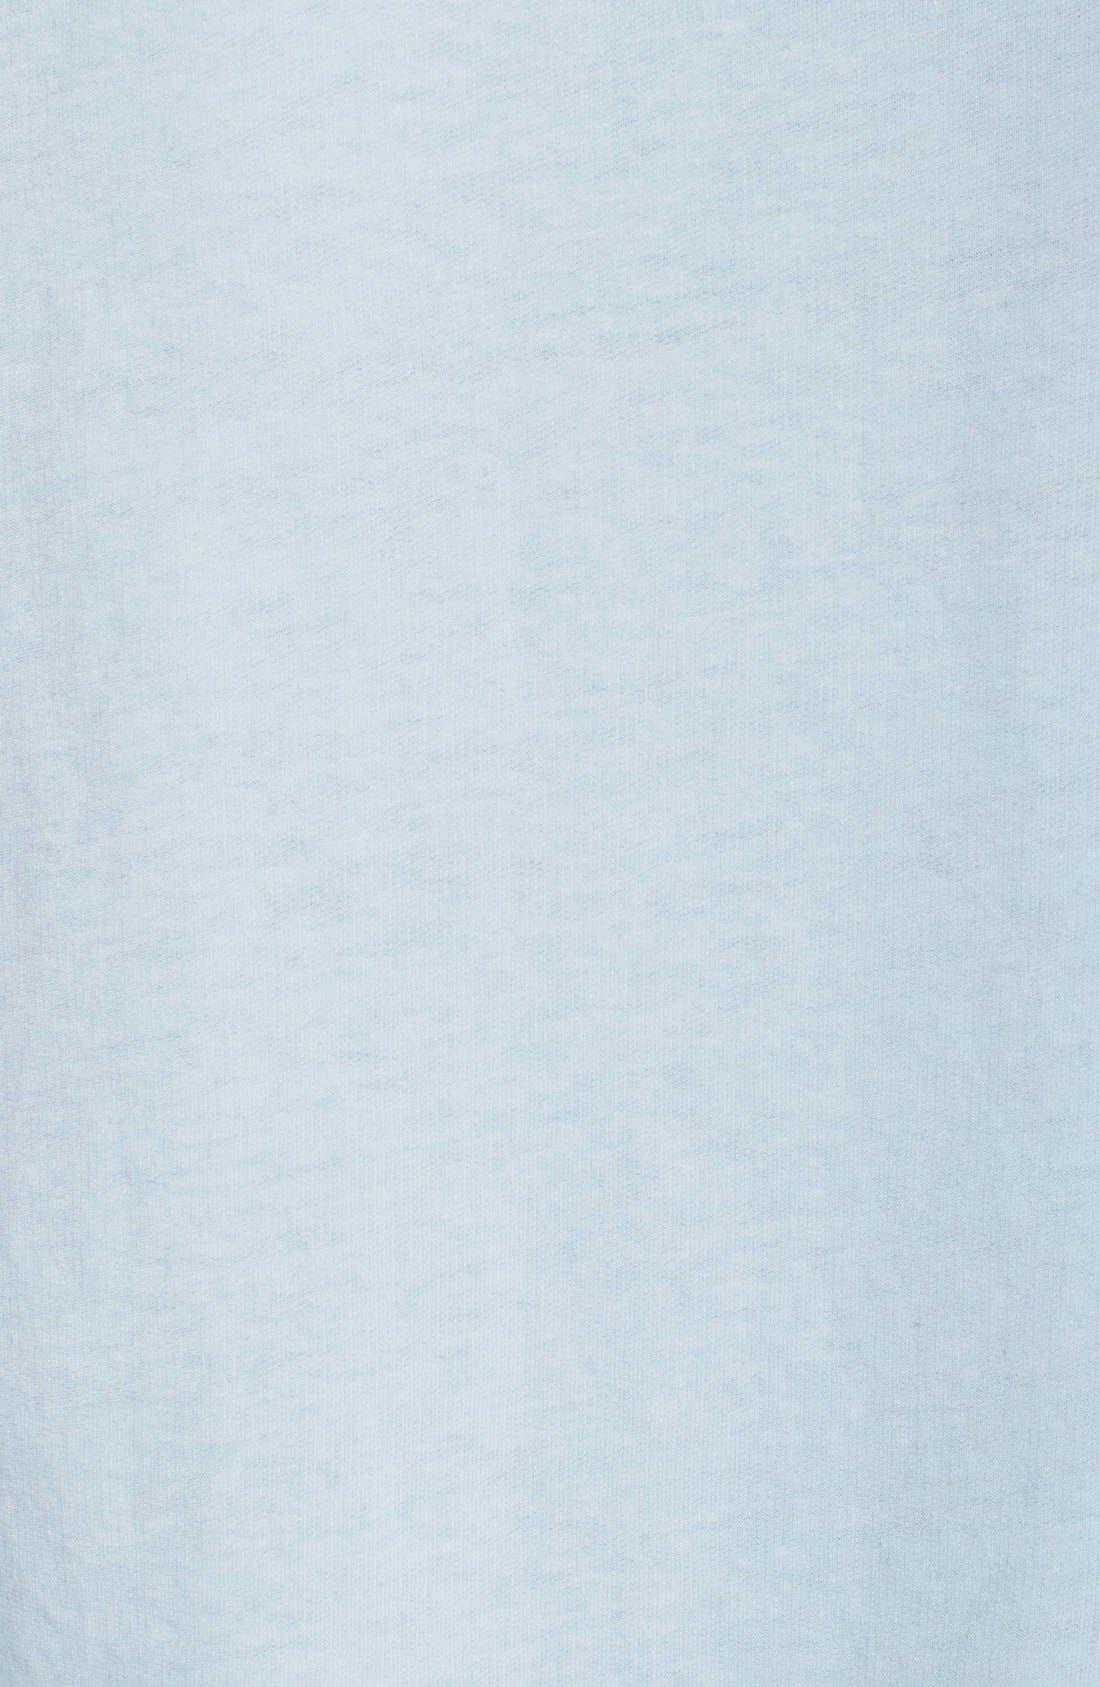 Burnout Lounge Sweatshirt,                             Alternate thumbnail 175, color,